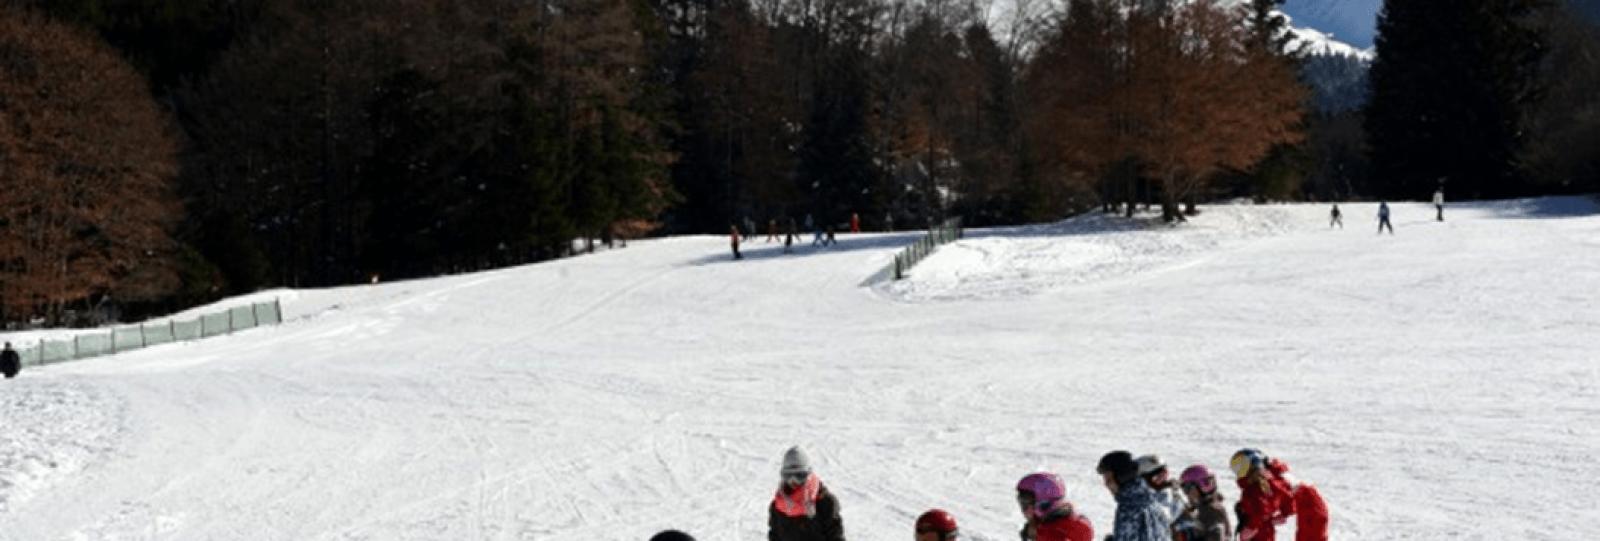 Colo ski et nordique IDDJ